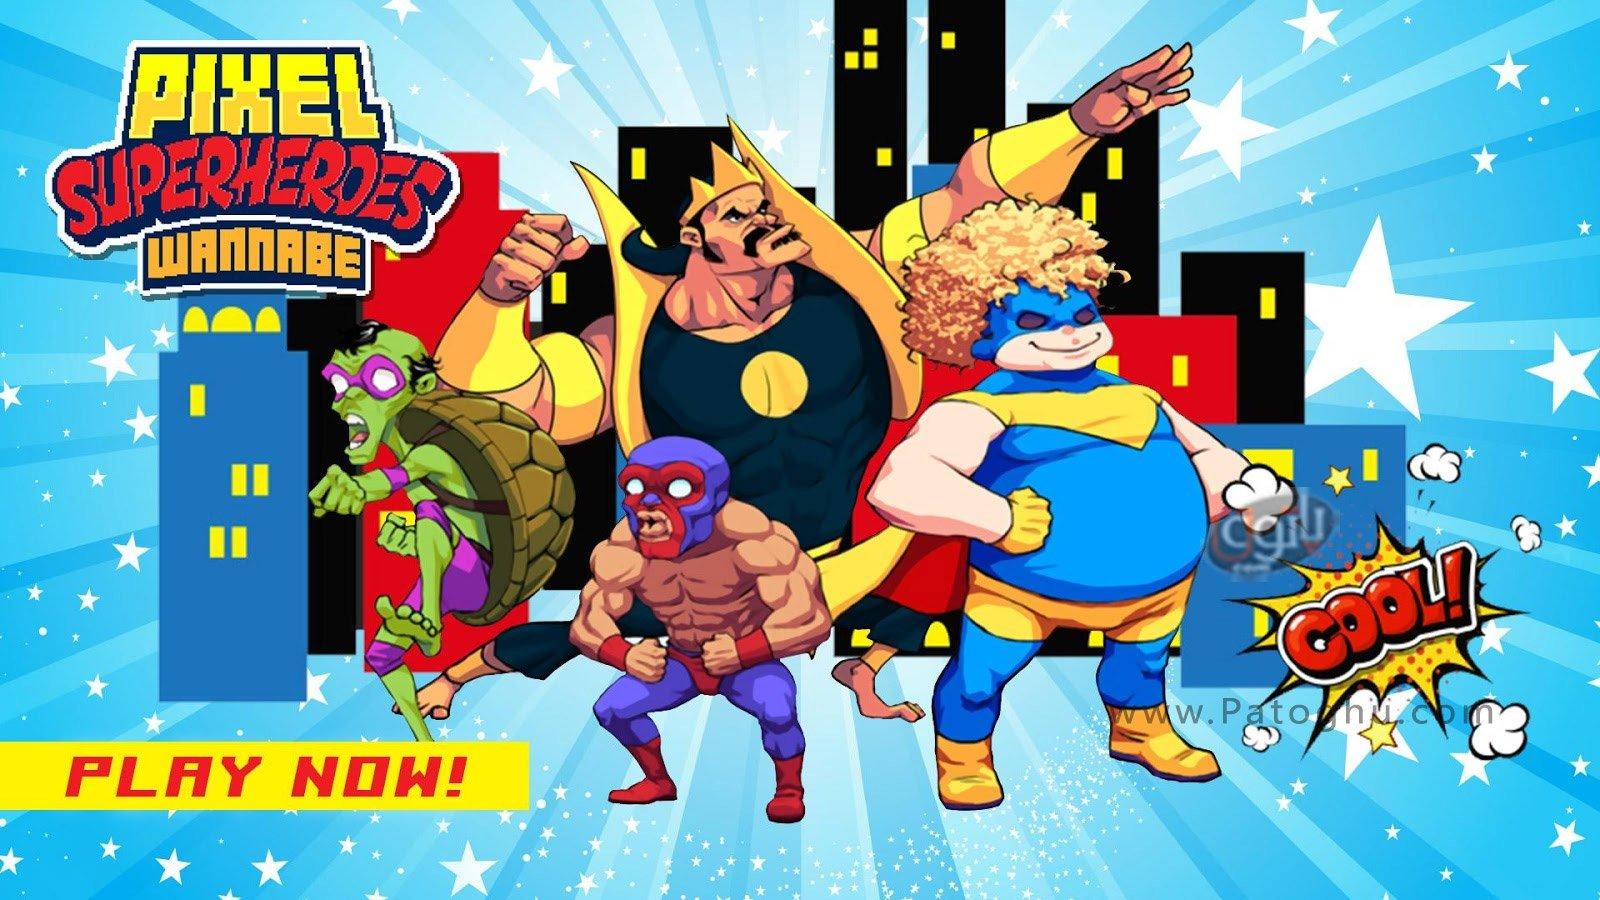 مزرعه بازی بدون اینترنت دانلود 1.9.4 Pixel Super Heroes بازی سوپر قهرمانان پیکسلی ...